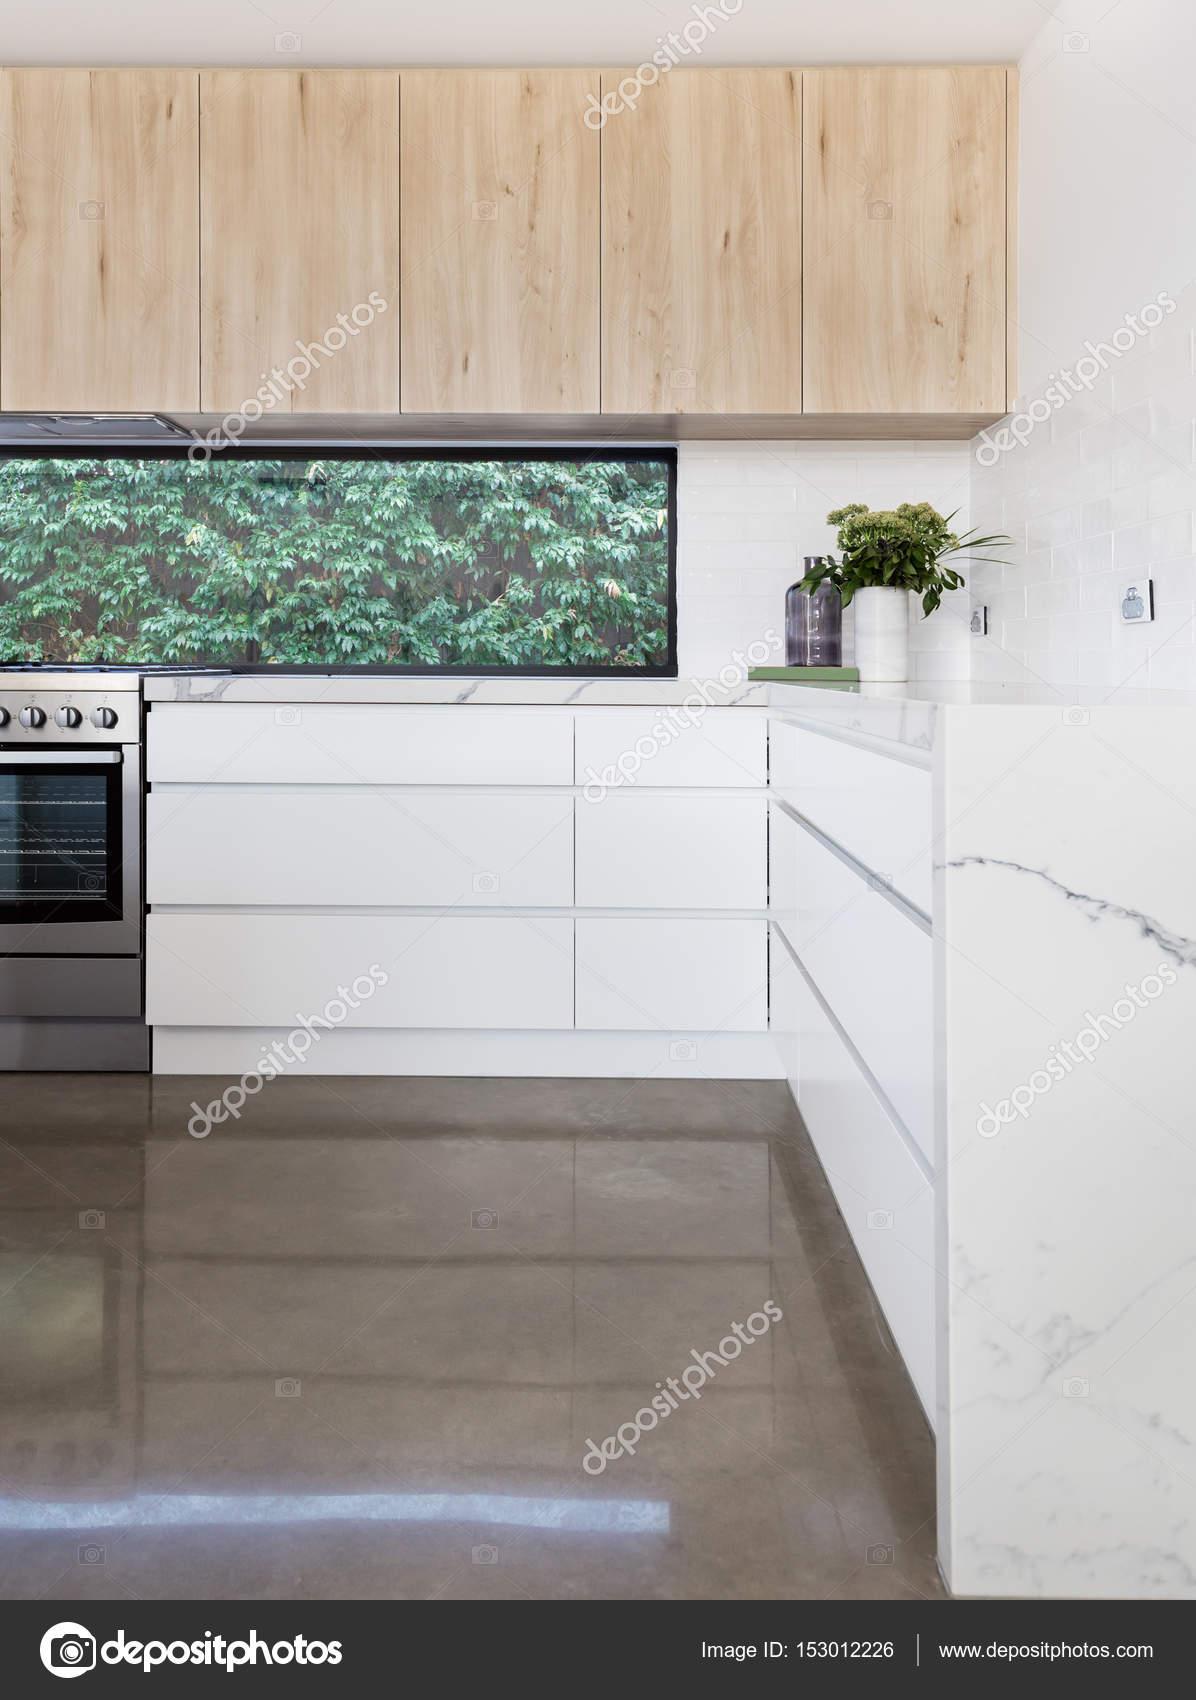 Detalles de la cocina del piso de hormigón y cajón — Fotos de Stock ...